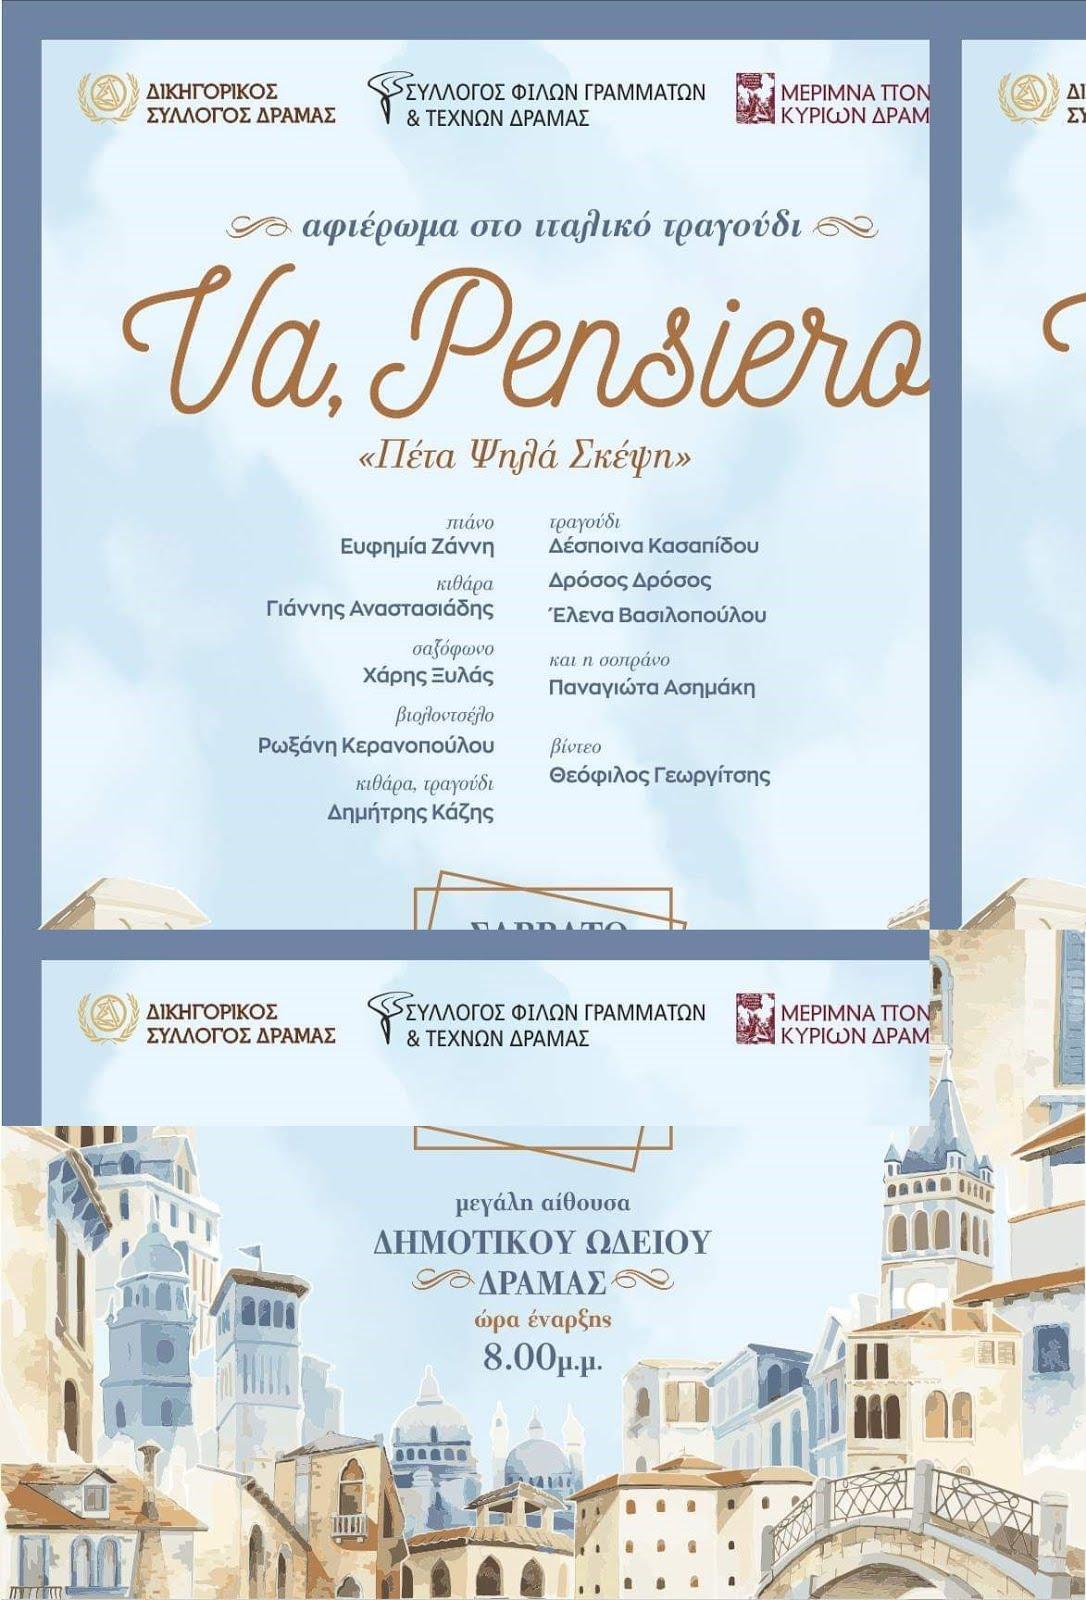 Συναυλία Ιταλικού Τραγουδιού 15-12-2018, Δημοτικό Ωδείο Δράμας